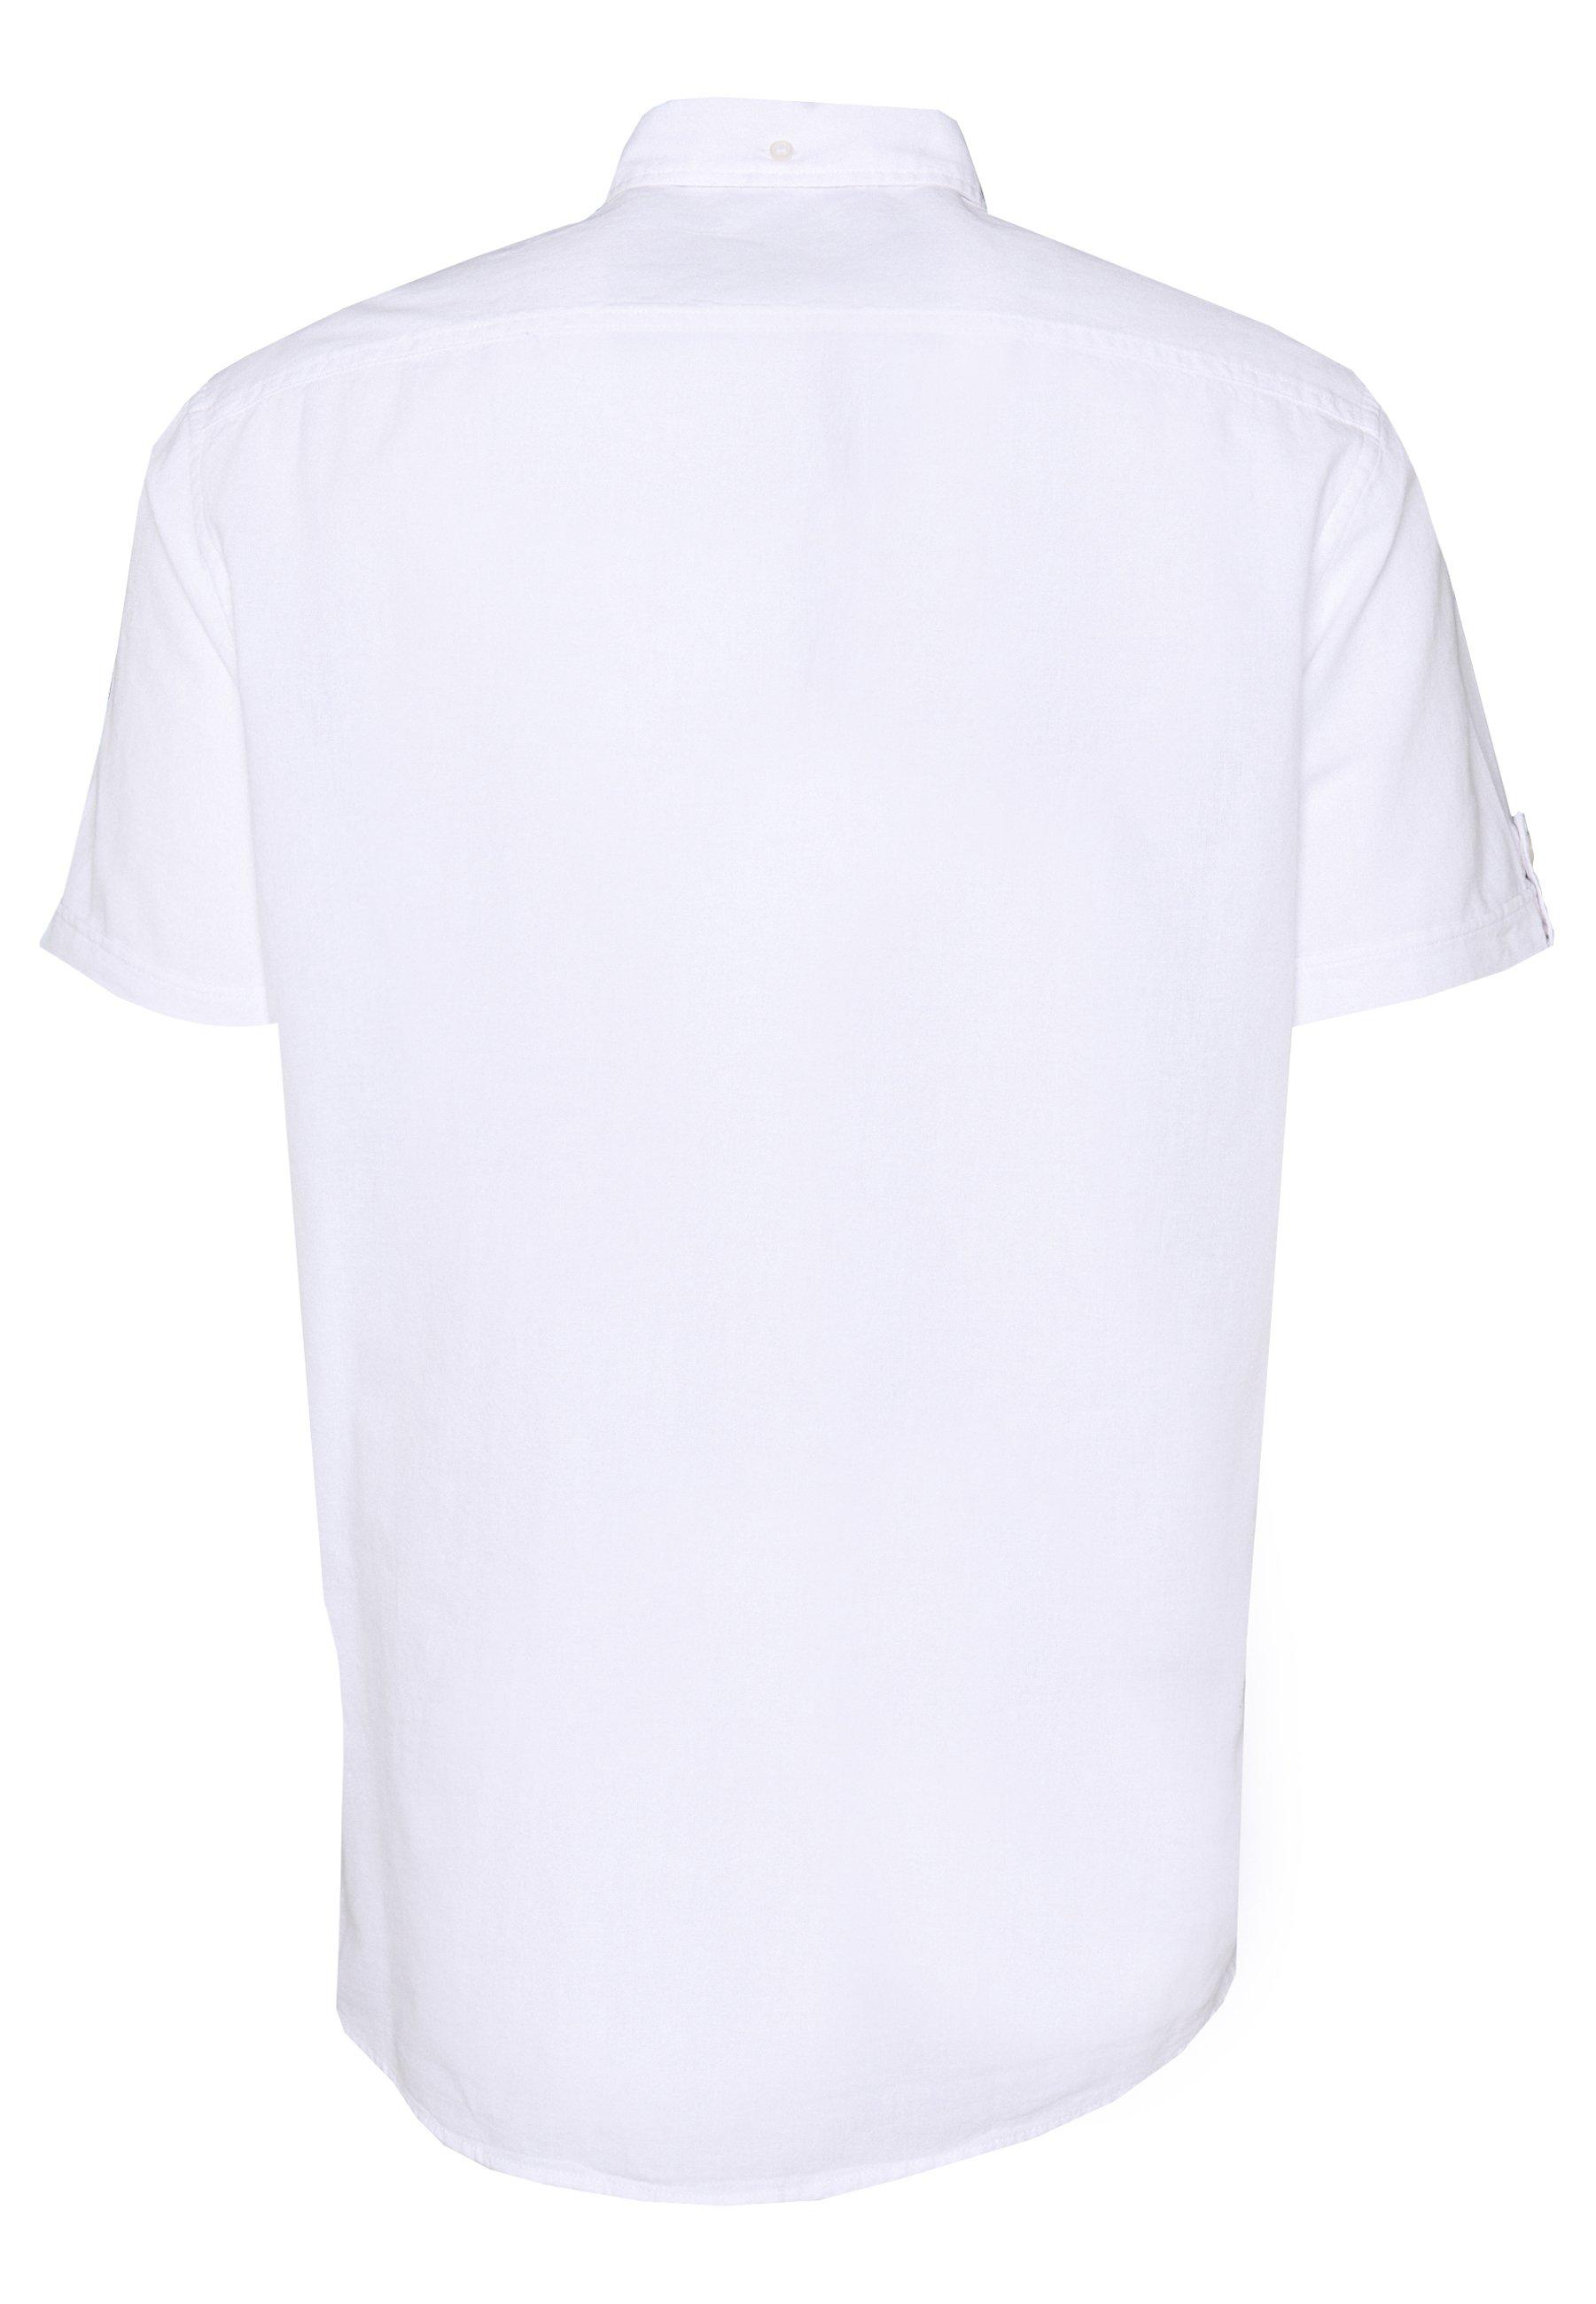 Esprit Camicia - White PA2y3